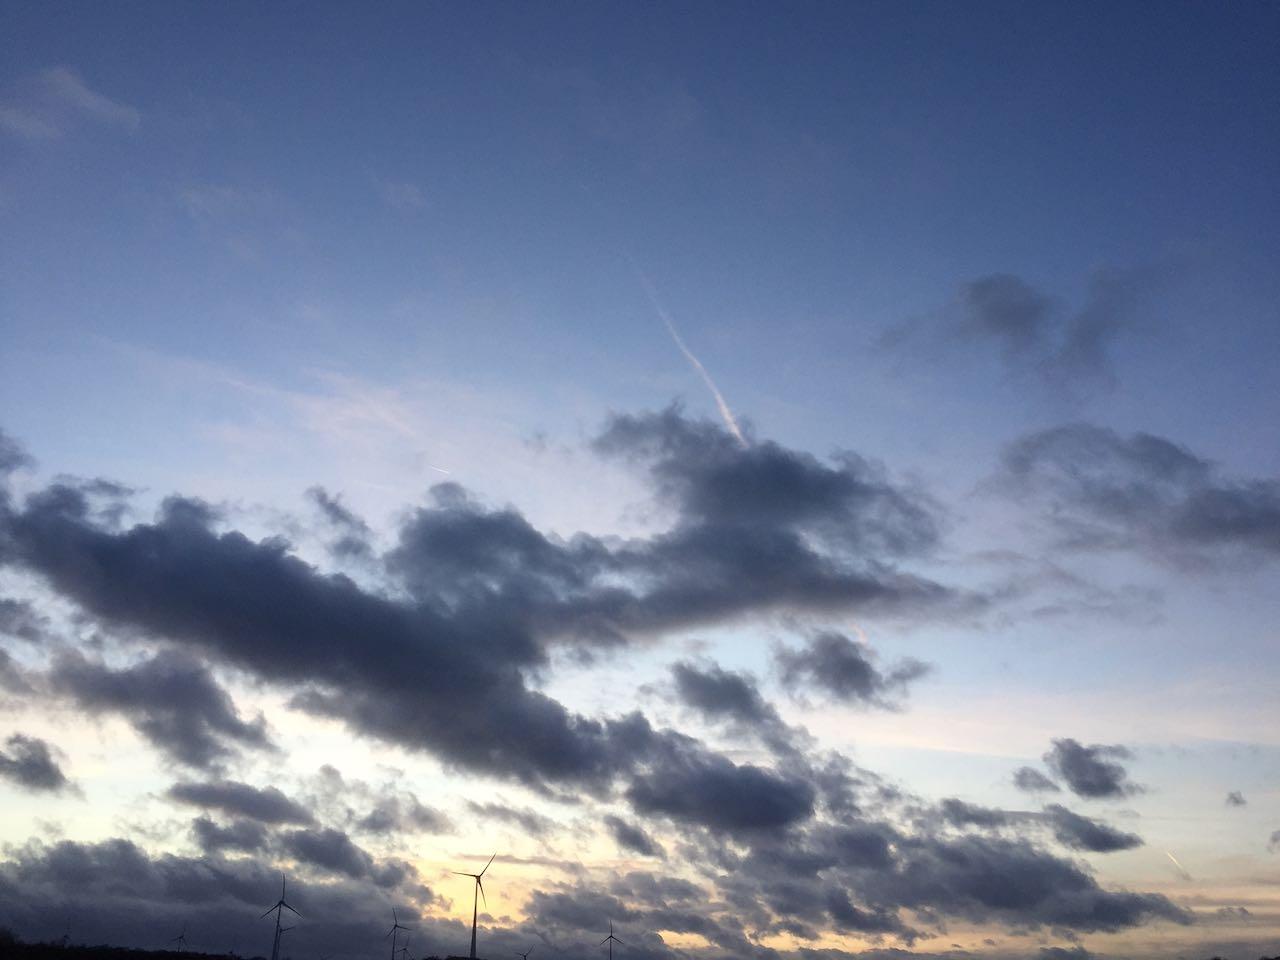 Wolken ziehen über den Himmel und in der Ferne sind Windräder zu sehen. MamaDenkt